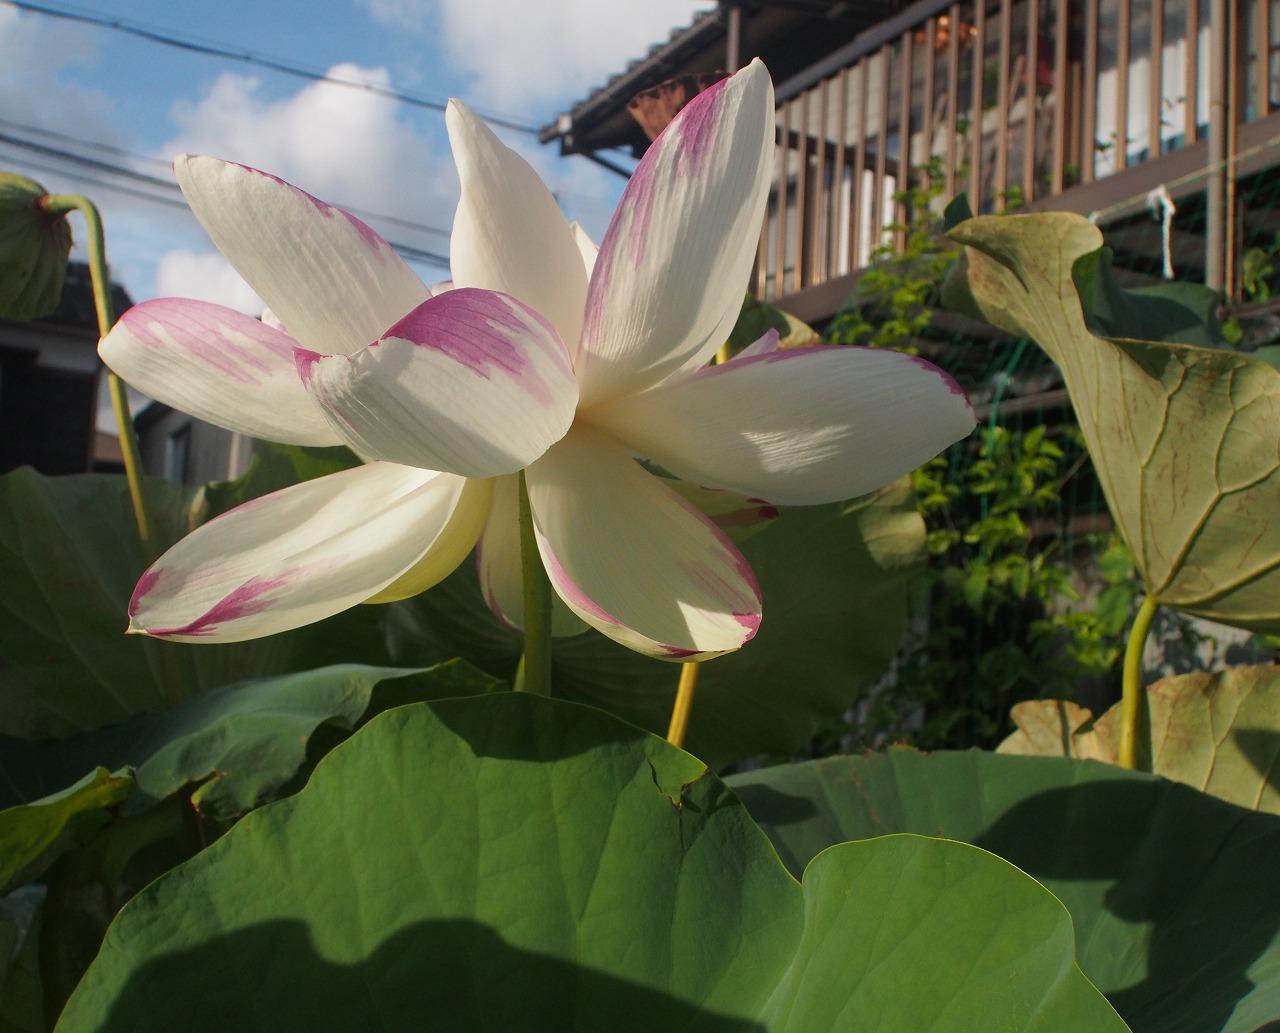 20170825-Lotus_Tenjikumadarabasu-O03.jpg